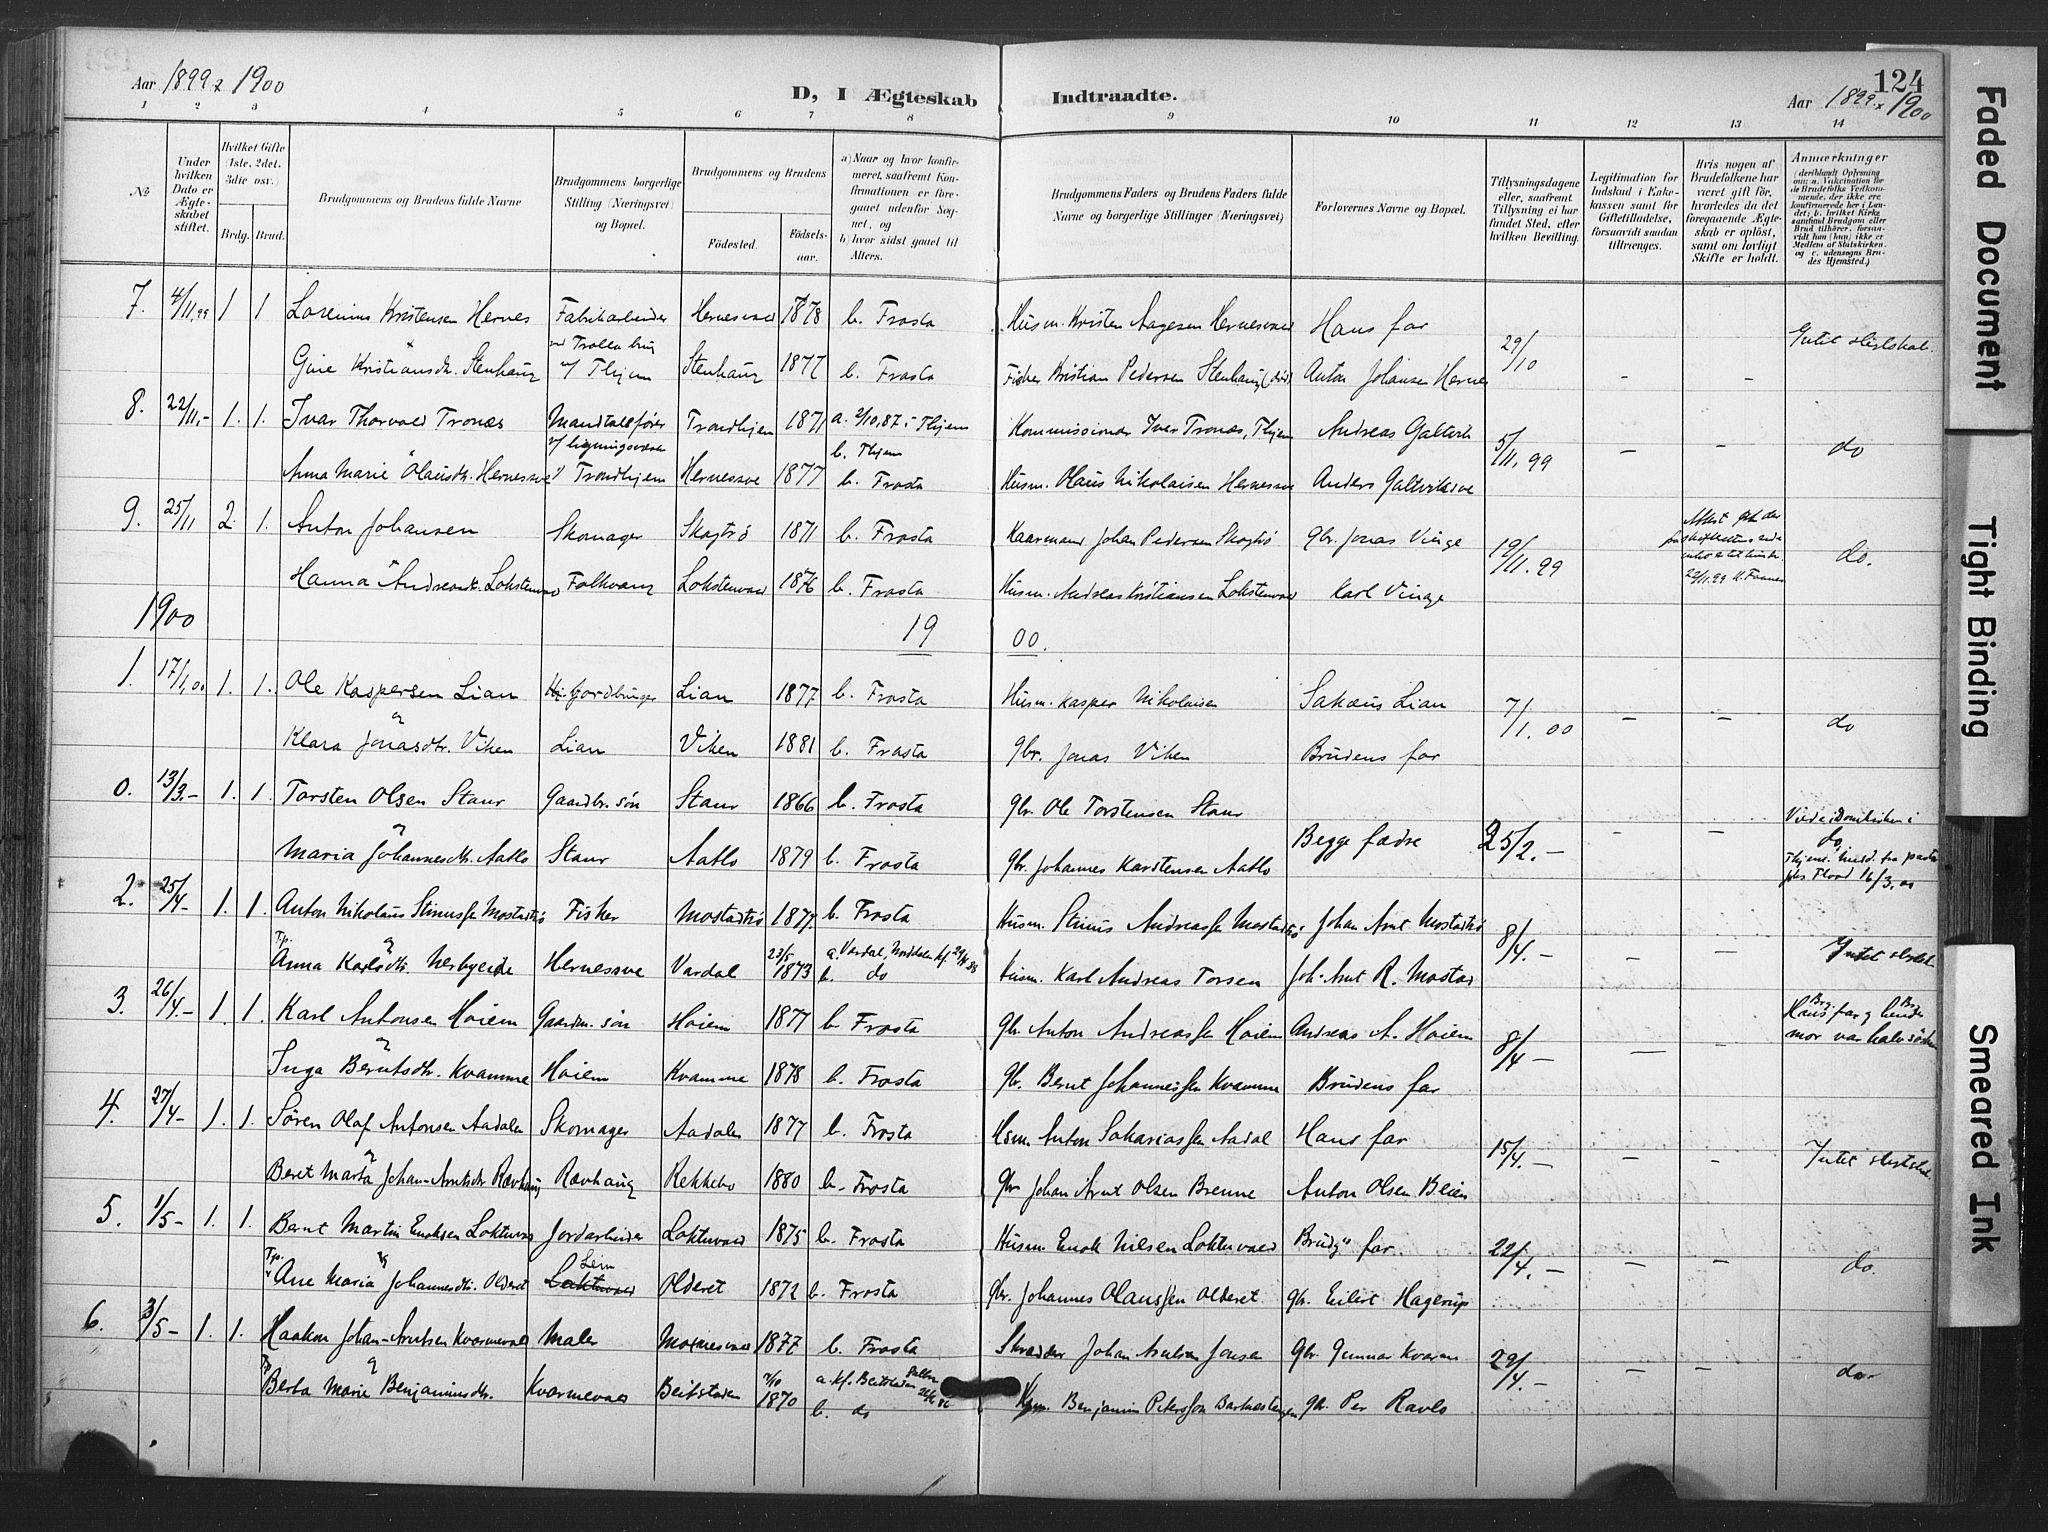 SAT, Ministerialprotokoller, klokkerbøker og fødselsregistre - Nord-Trøndelag, 713/L0122: Ministerialbok nr. 713A11, 1899-1910, s. 124